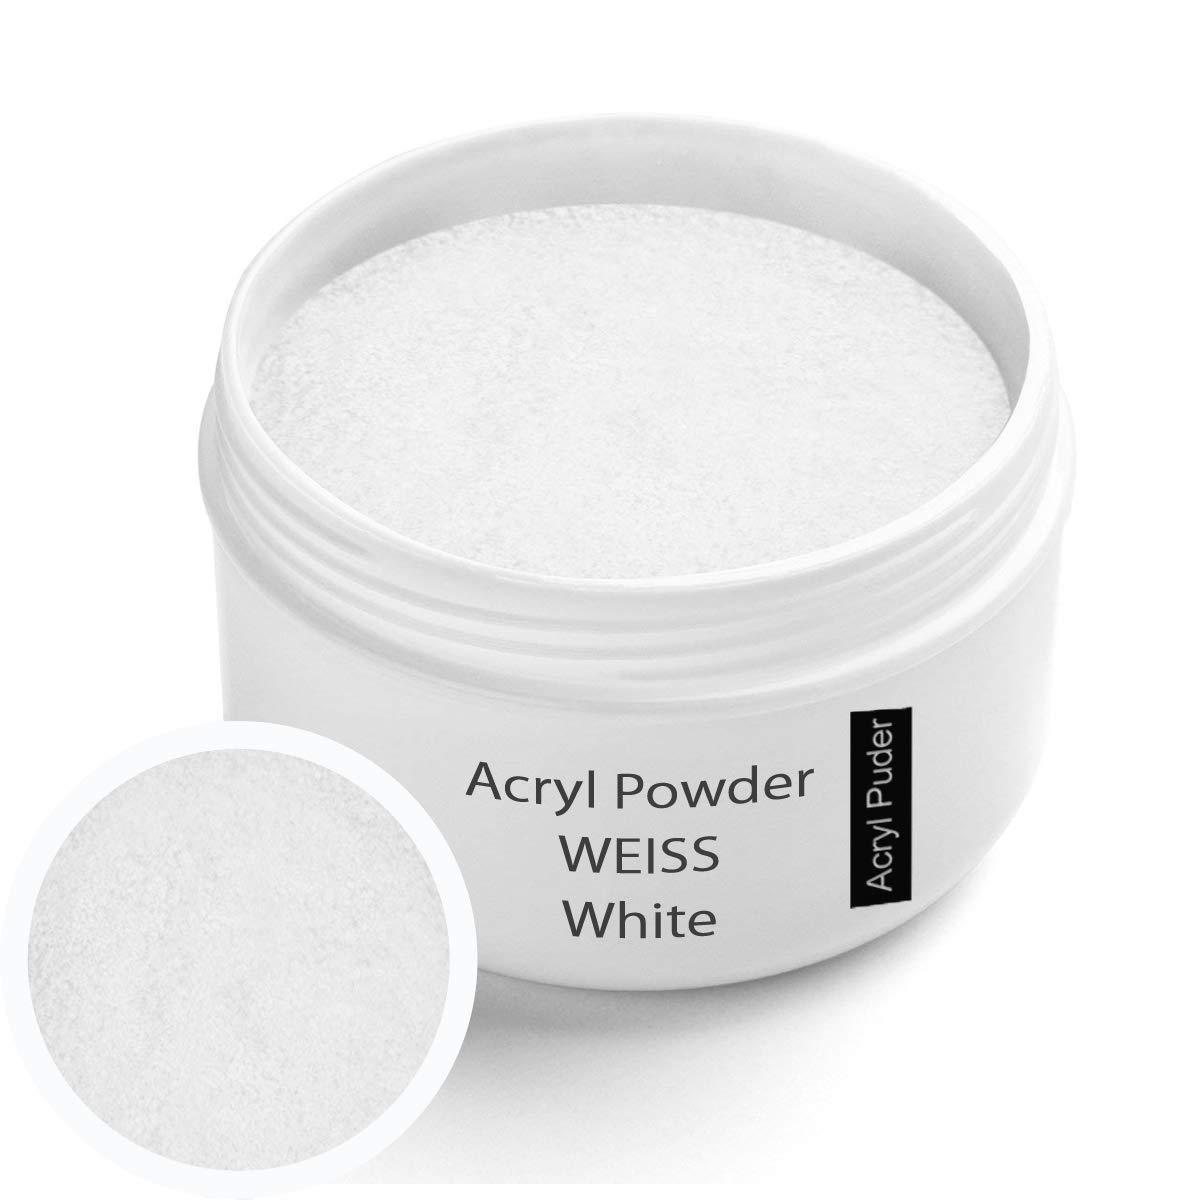 Acrylic powder white 30g Sun Garden Nails 2479